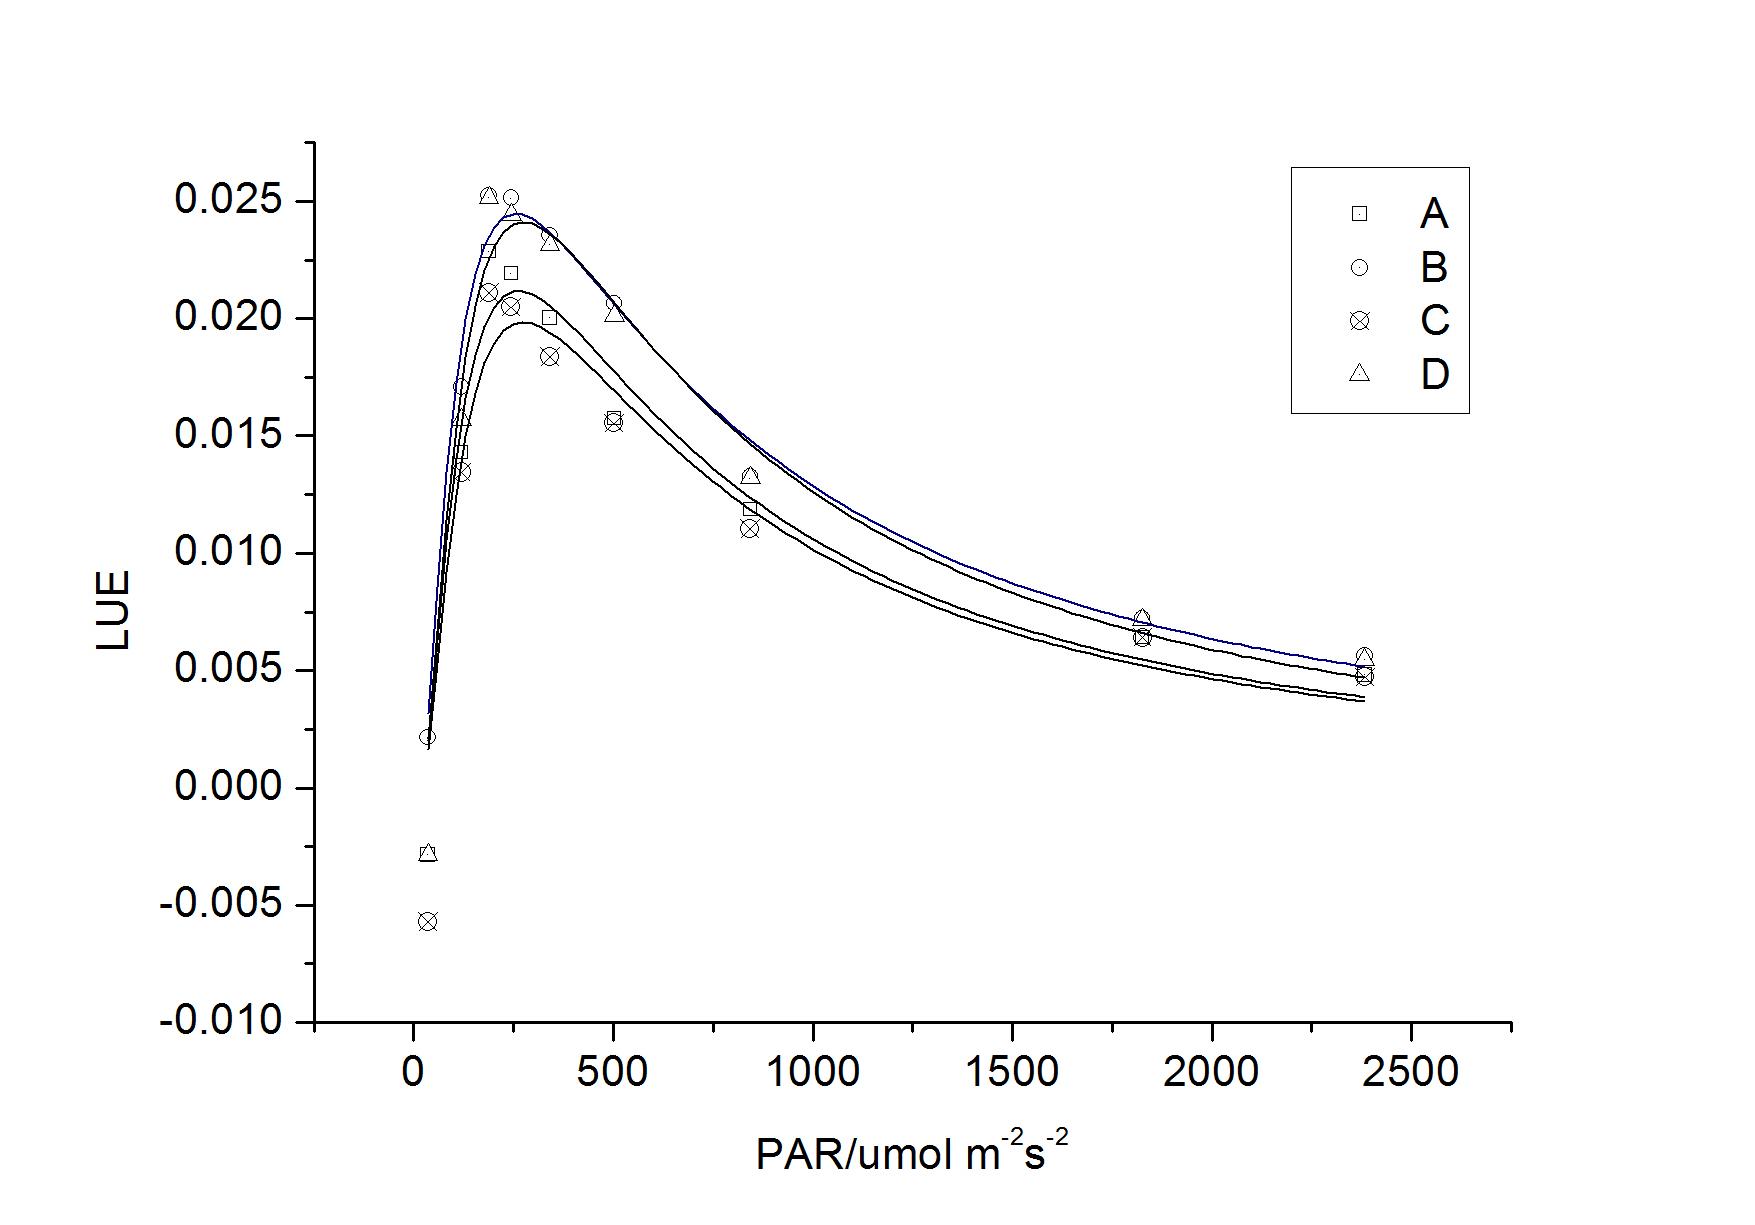 直�yaY�Y��&_y = a*x^(b*x^(-c))顶点坐标和下降斜率?